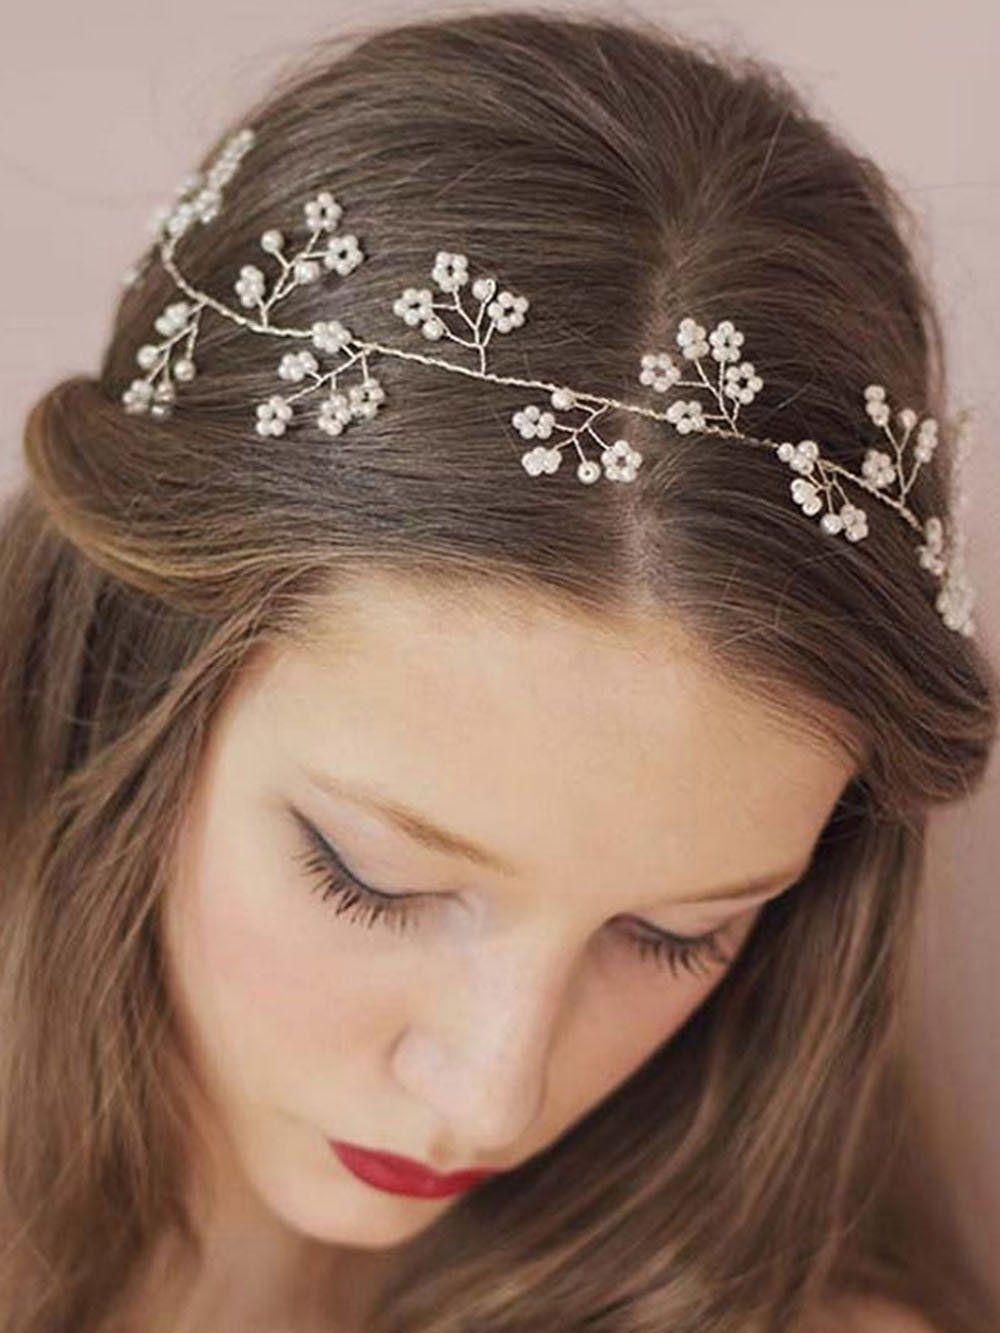 amazon : venusvi wedding headbands for bride - bridal